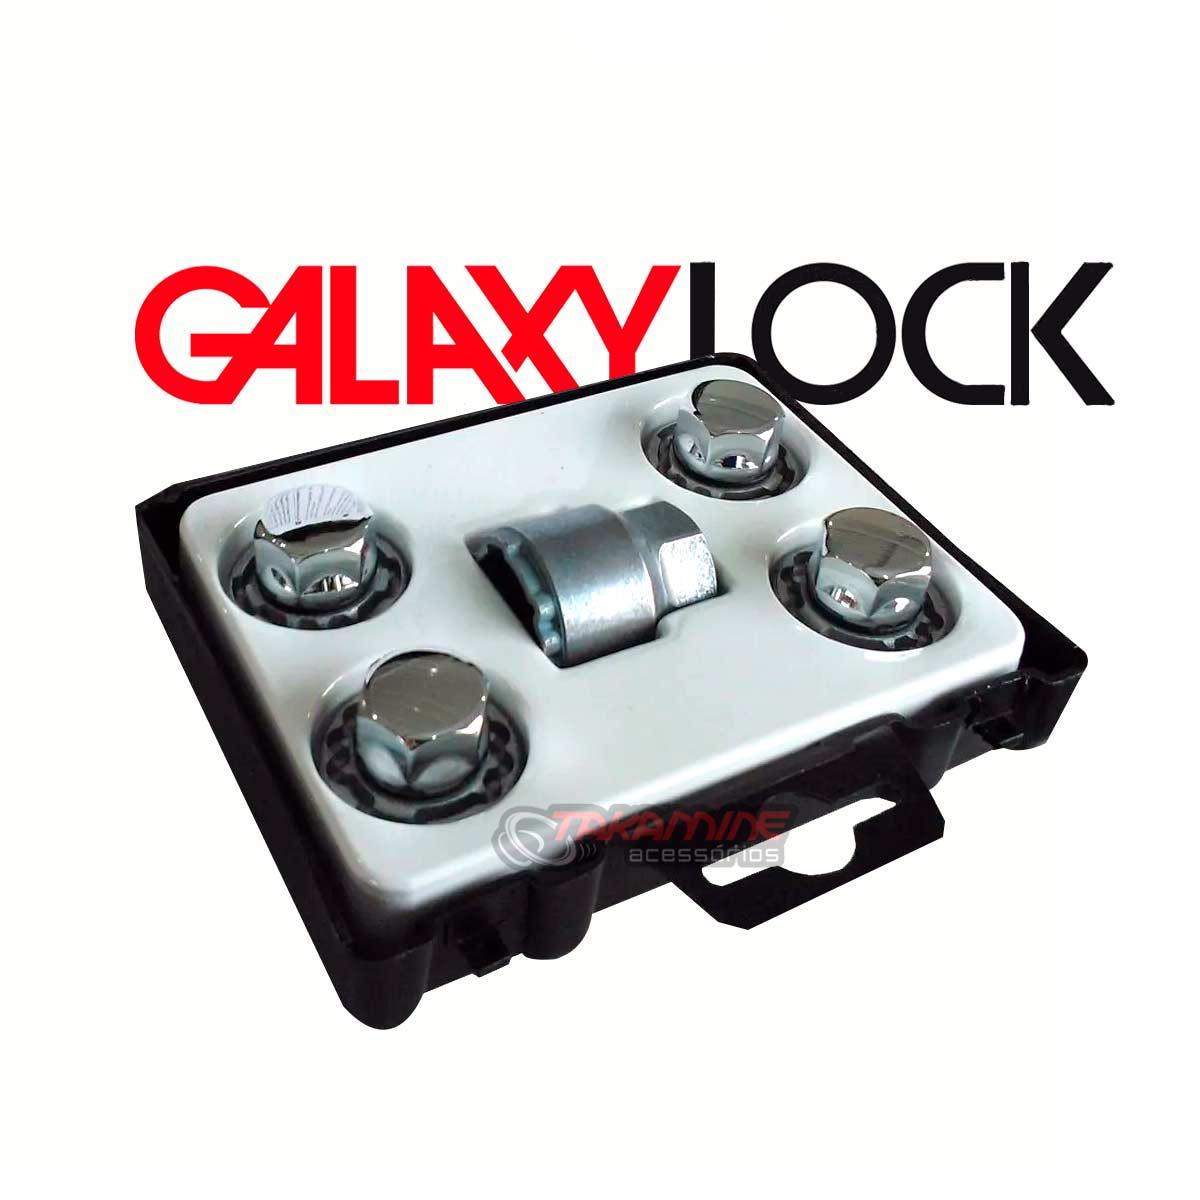 Parafuso antifurto para rodas Galaxy Lock Aircross 2010 até 2020 BE8/M